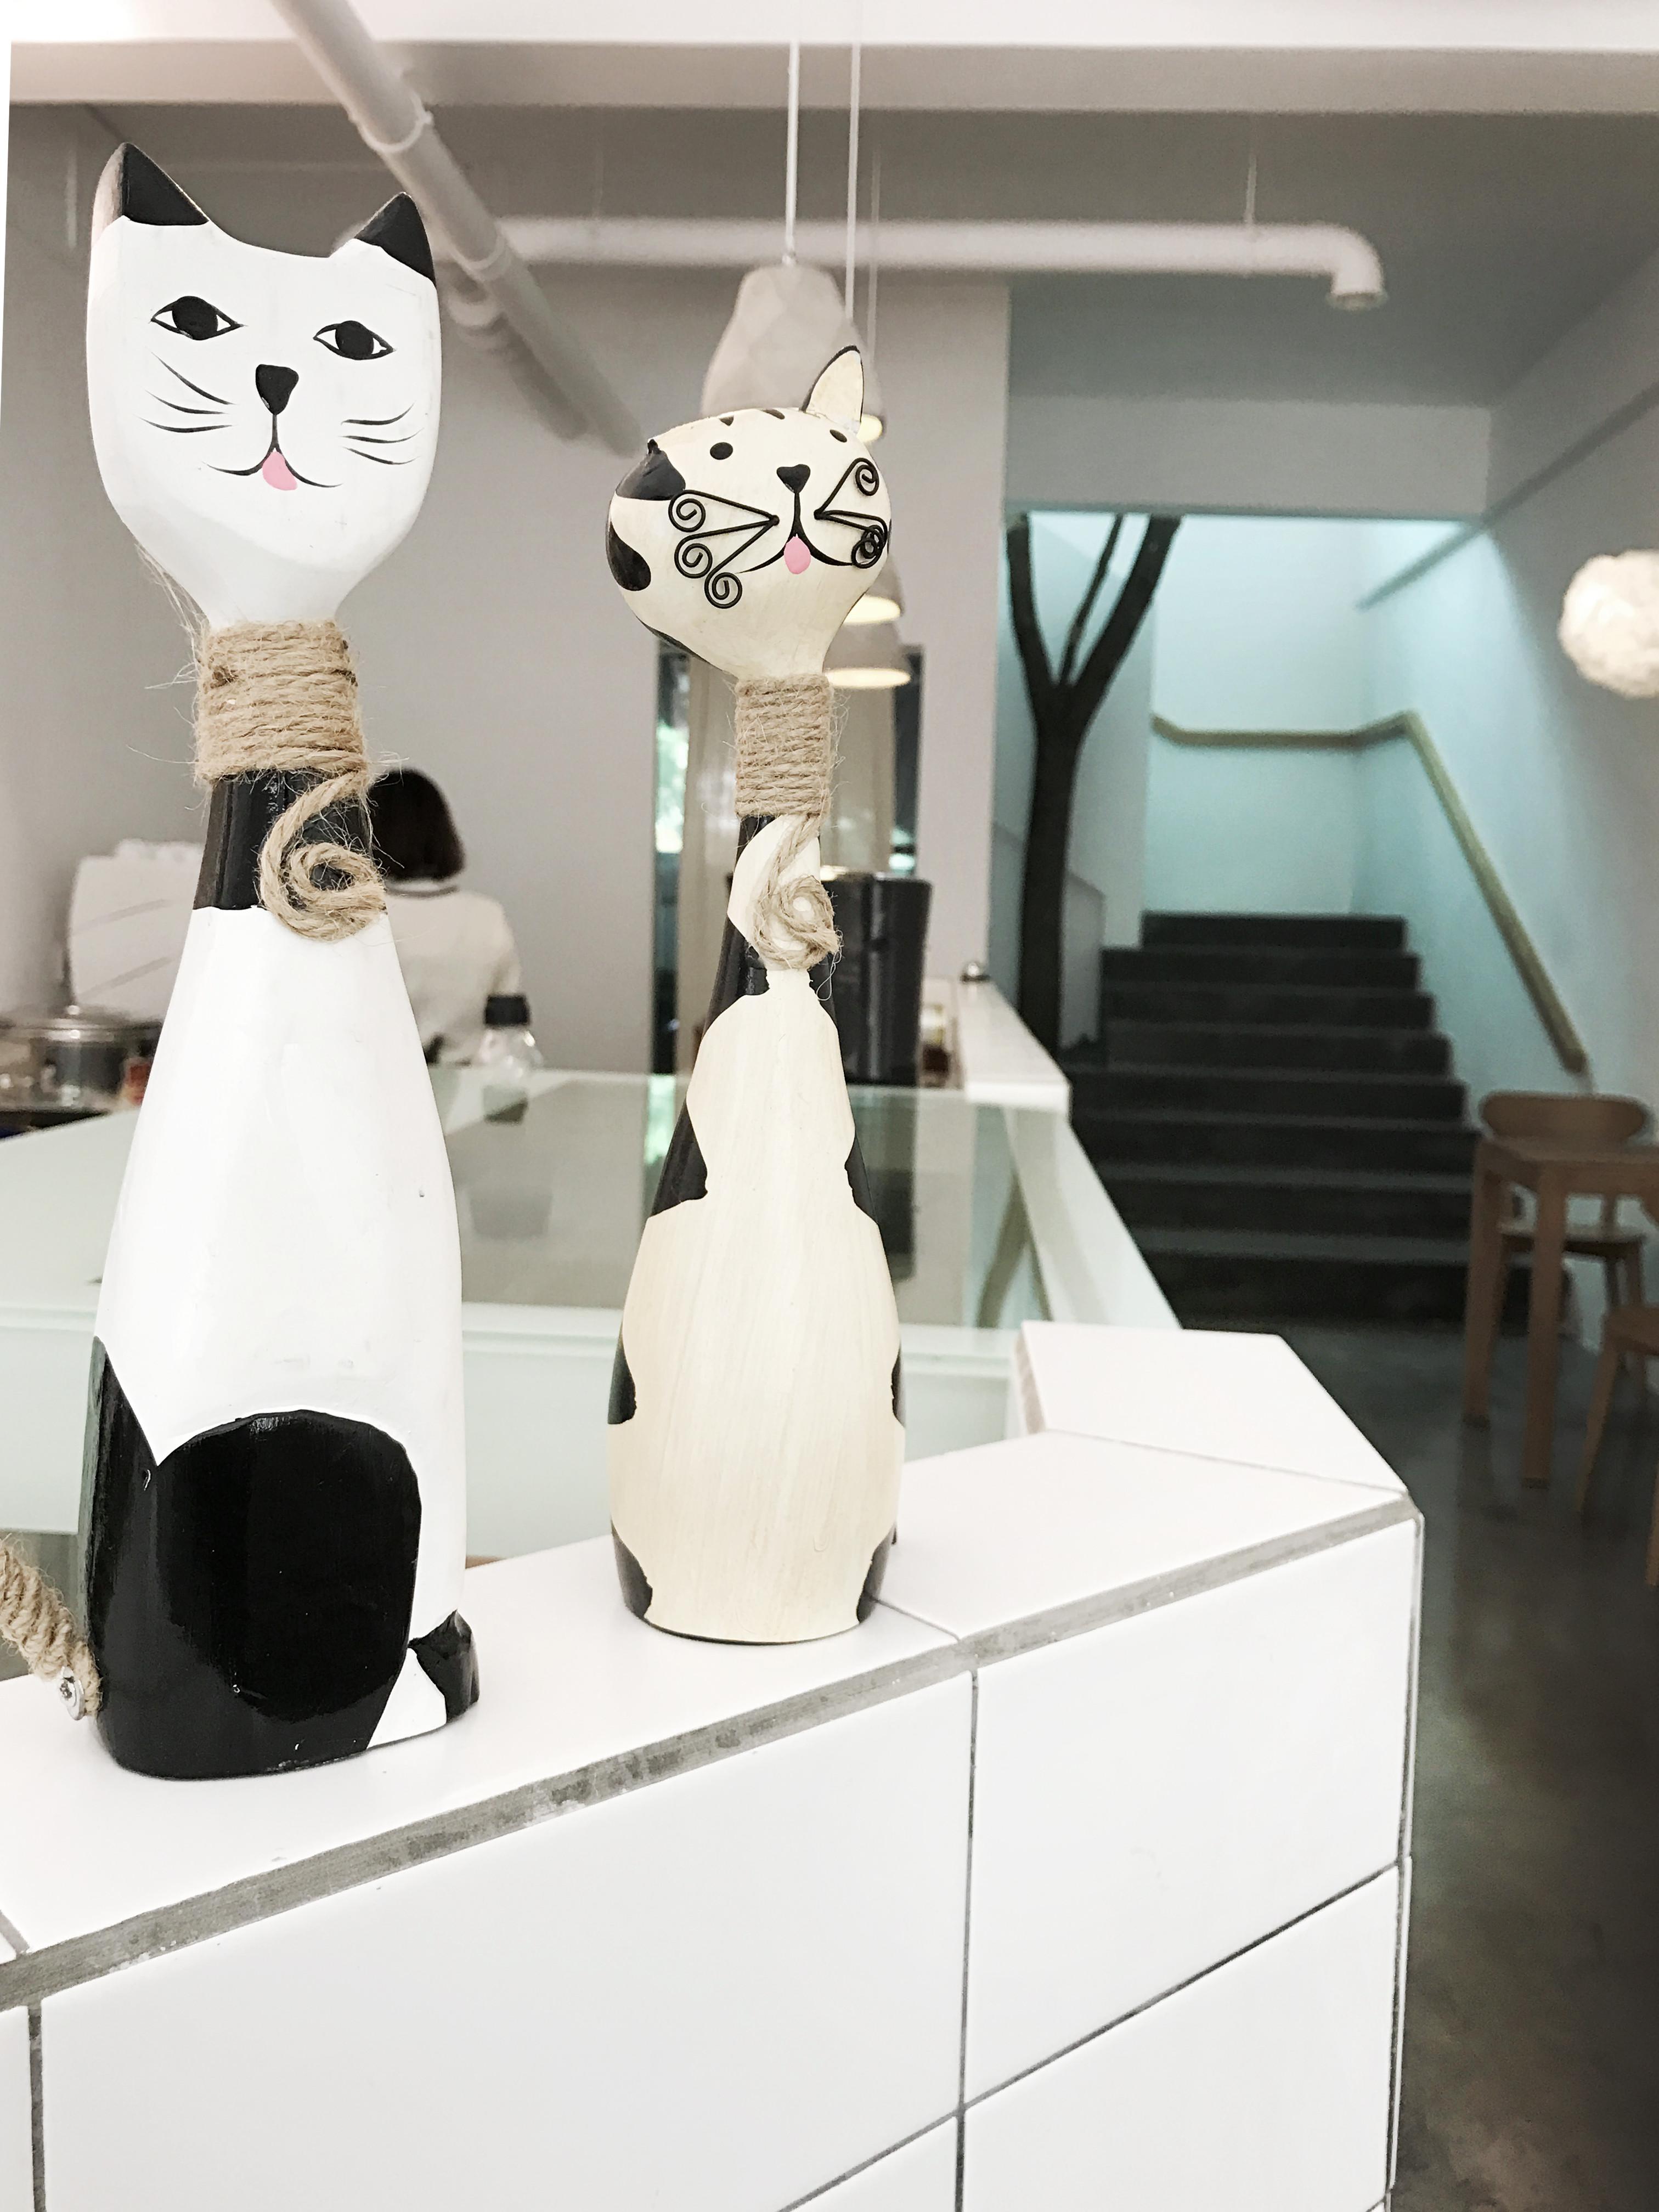 极简猫咪咖啡厅装修吧台摆件